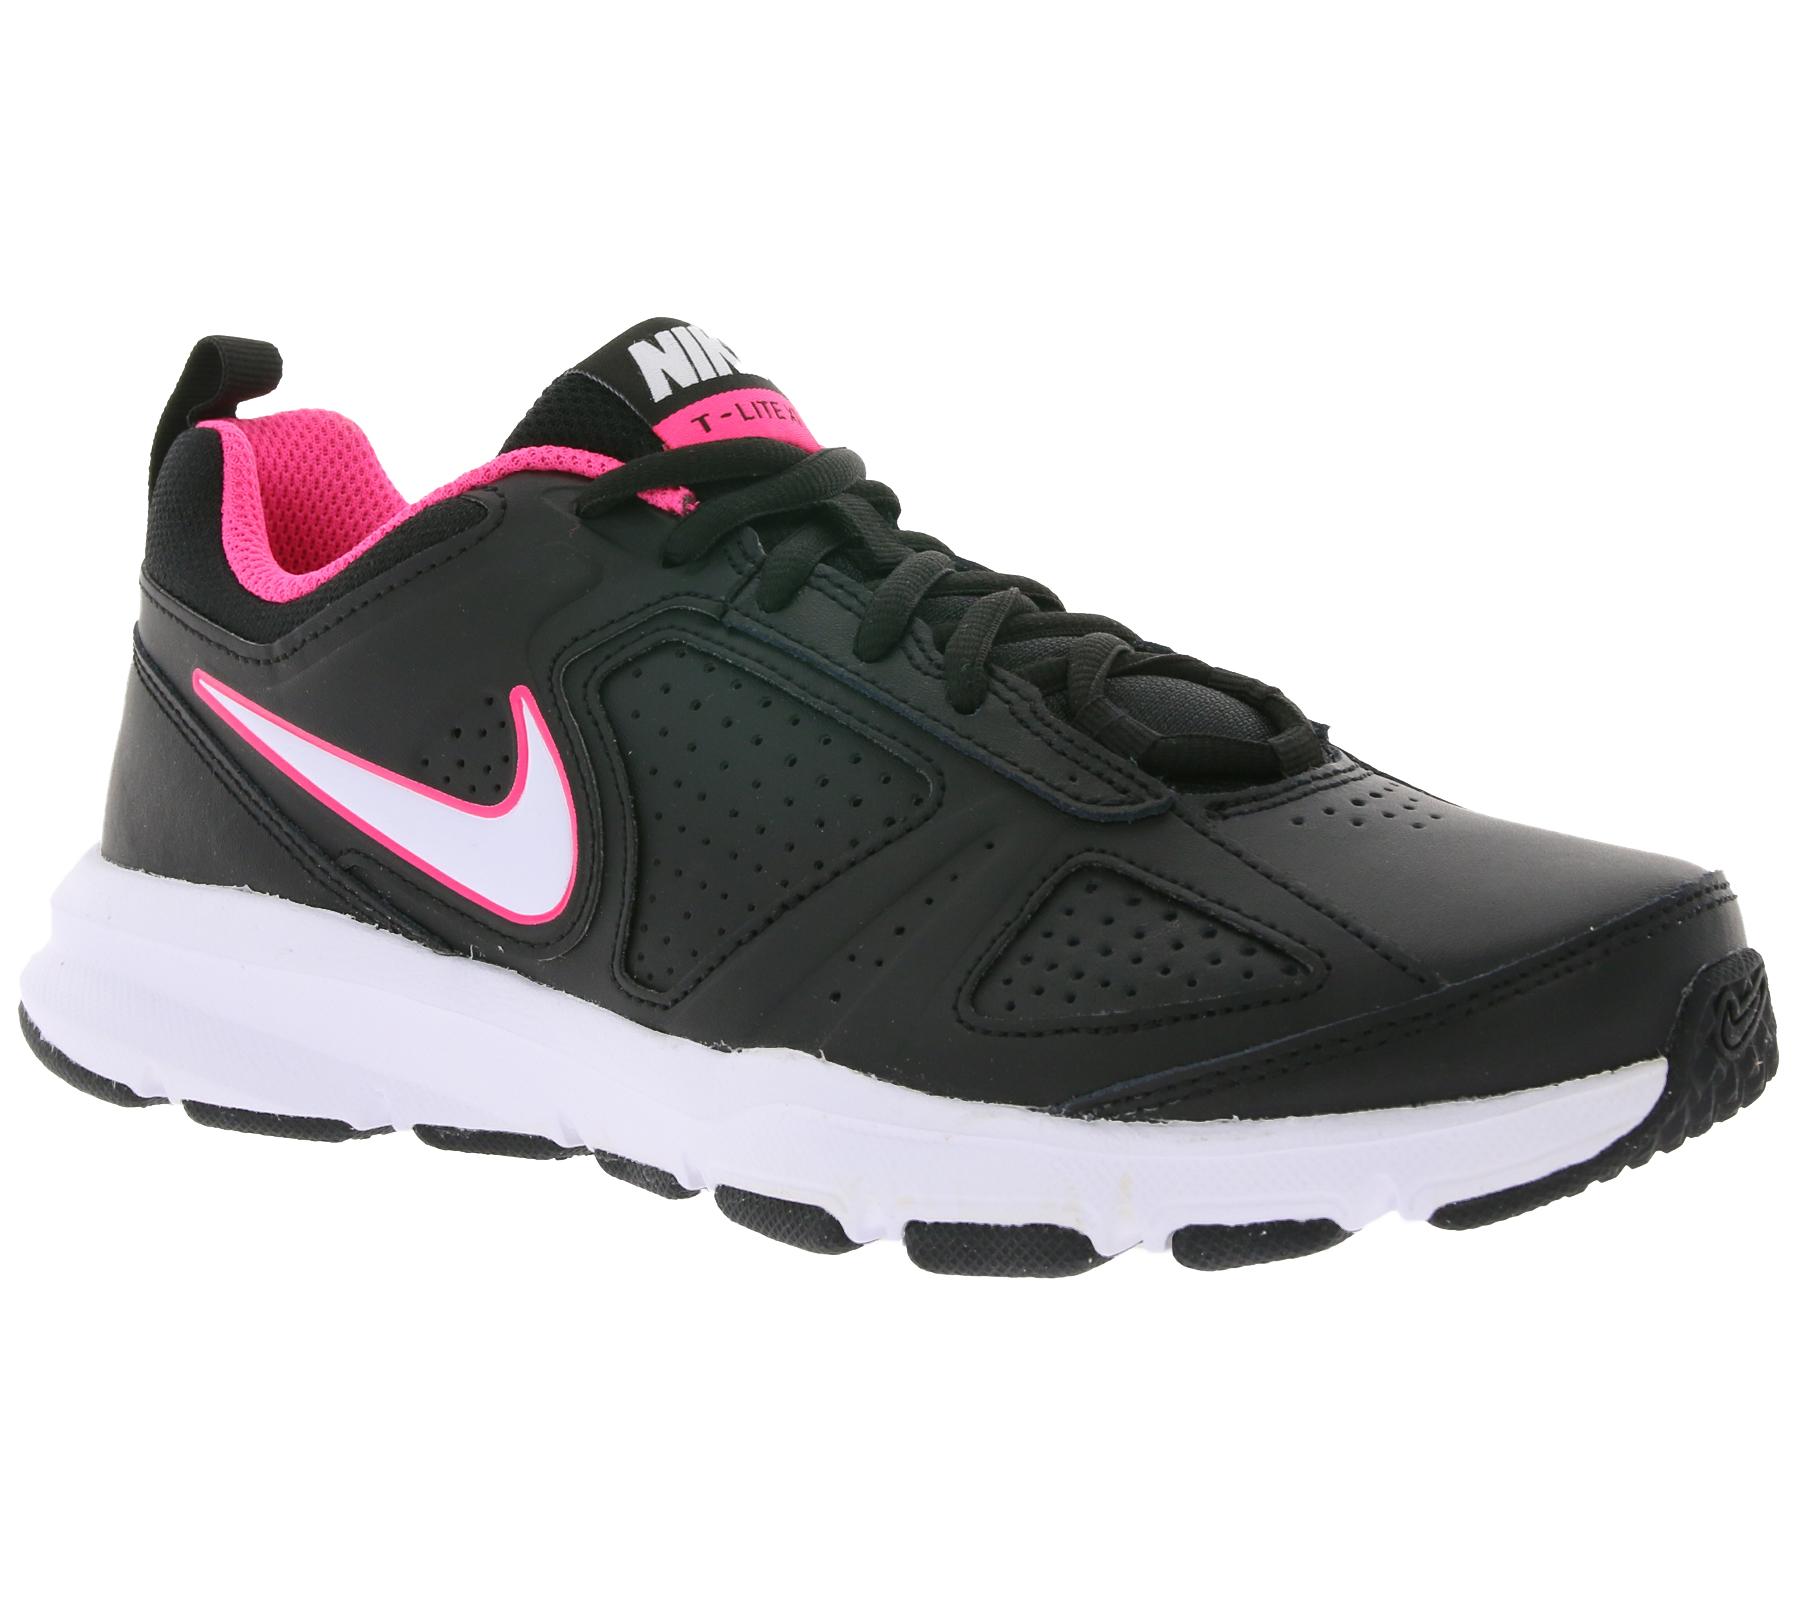 NIKE Schuhe klassische Damen Sportschuhe T-Lite XI Schwarz